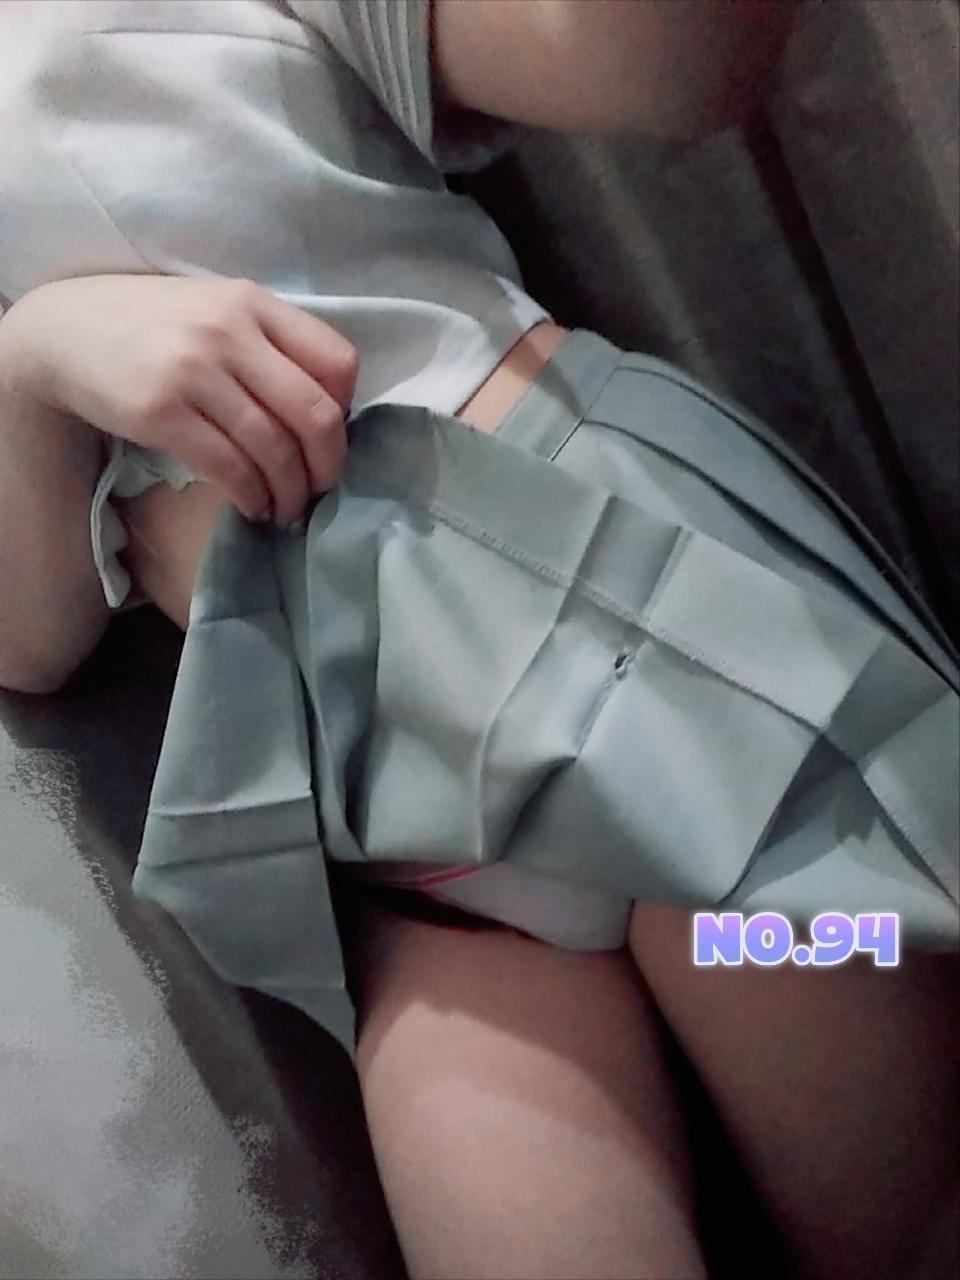 小泉「No.94 小泉 思わぬトレンド入り」01/22(金) 16:41 | 小泉の写メ・風俗動画